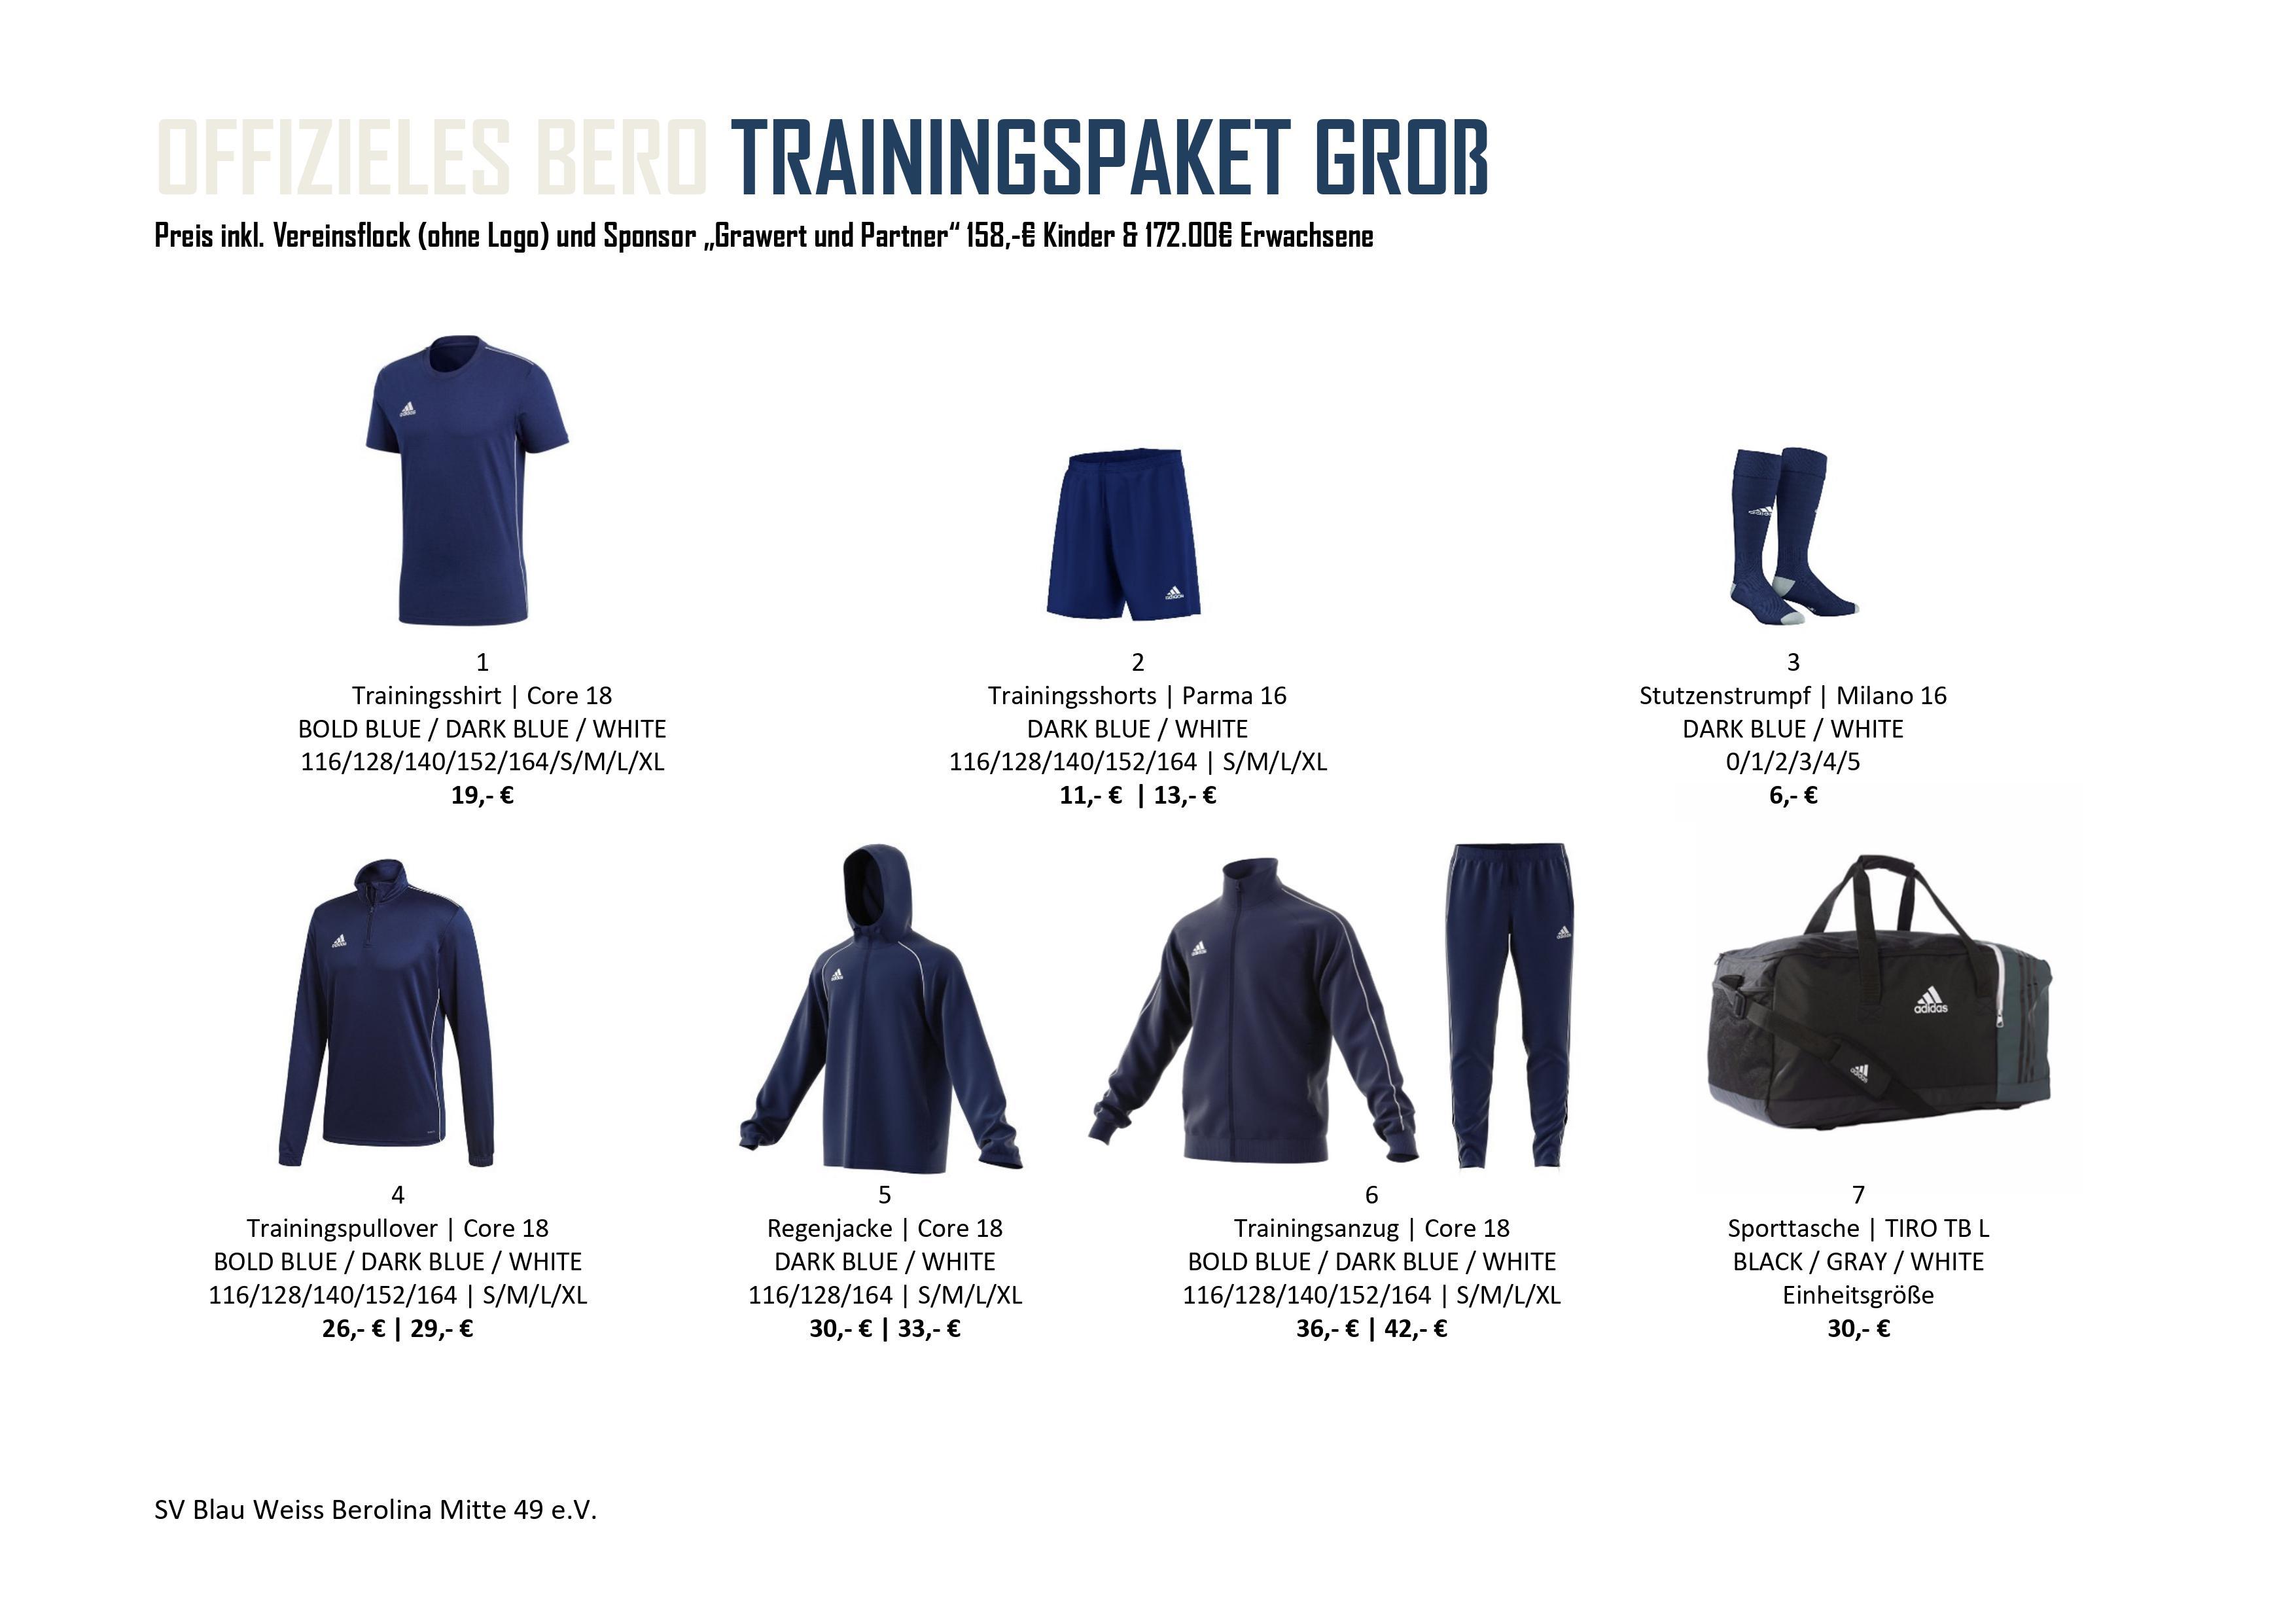 Trainingspaket Groä